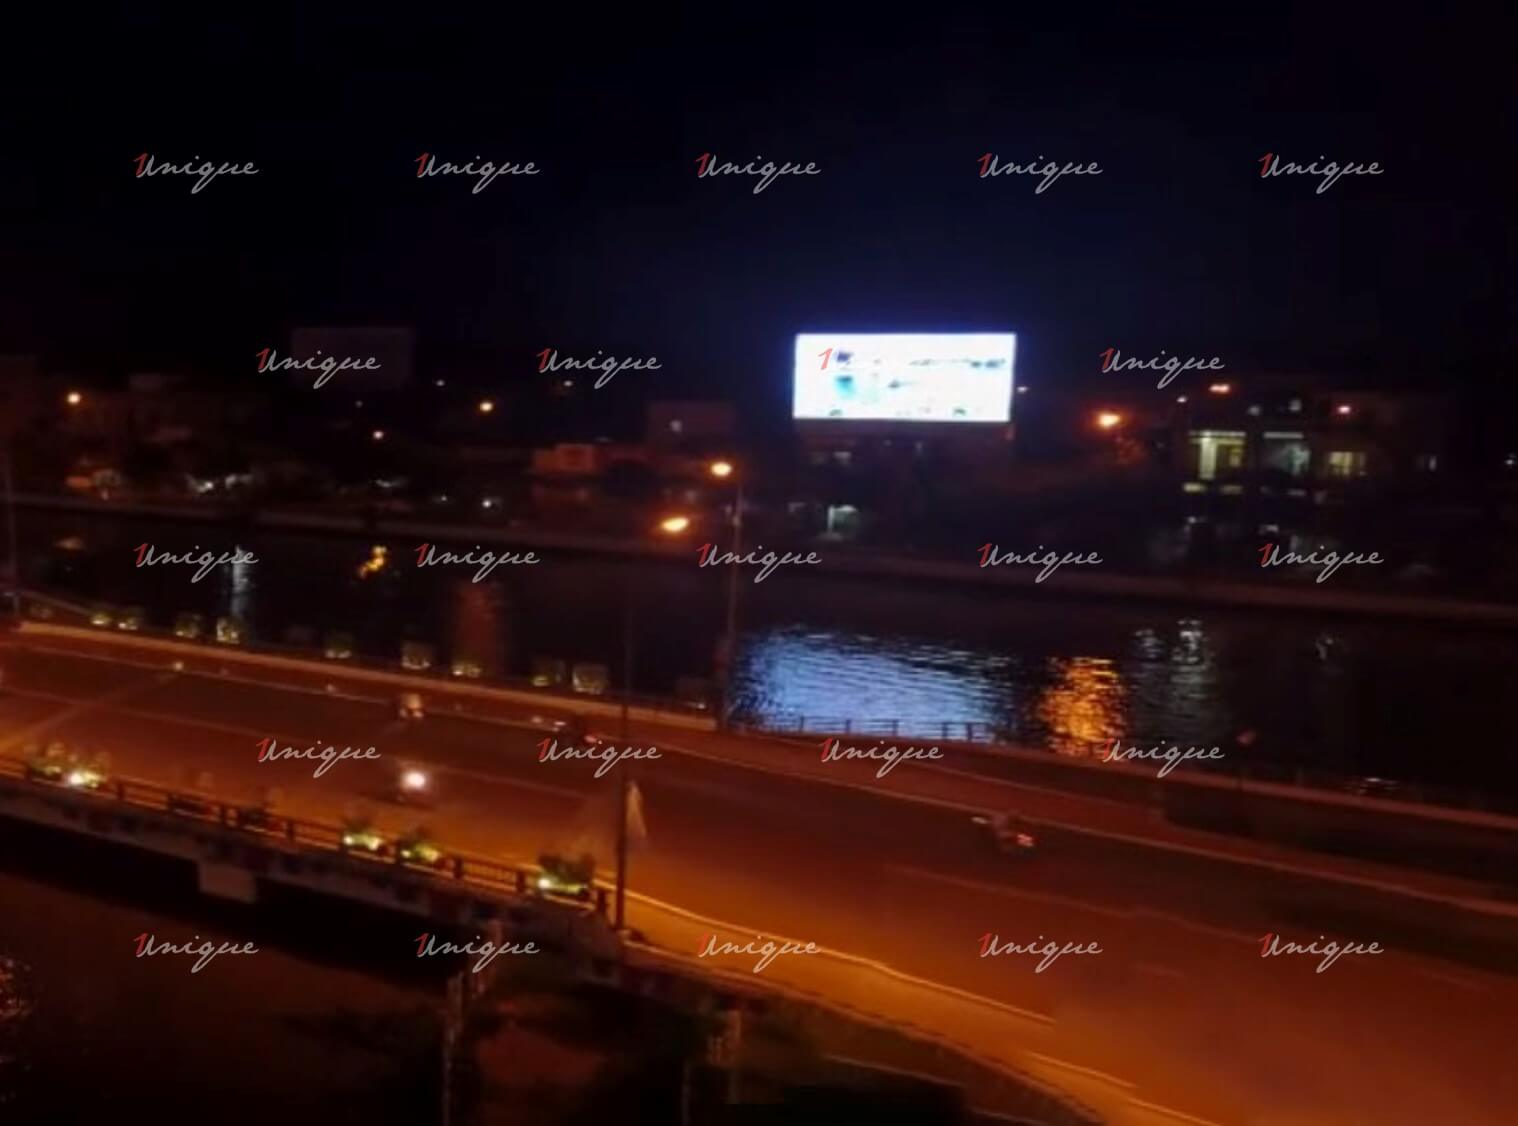 Màn hình Led quảng cáo ngoài trời bên kênh Xà No - Hậu Giang